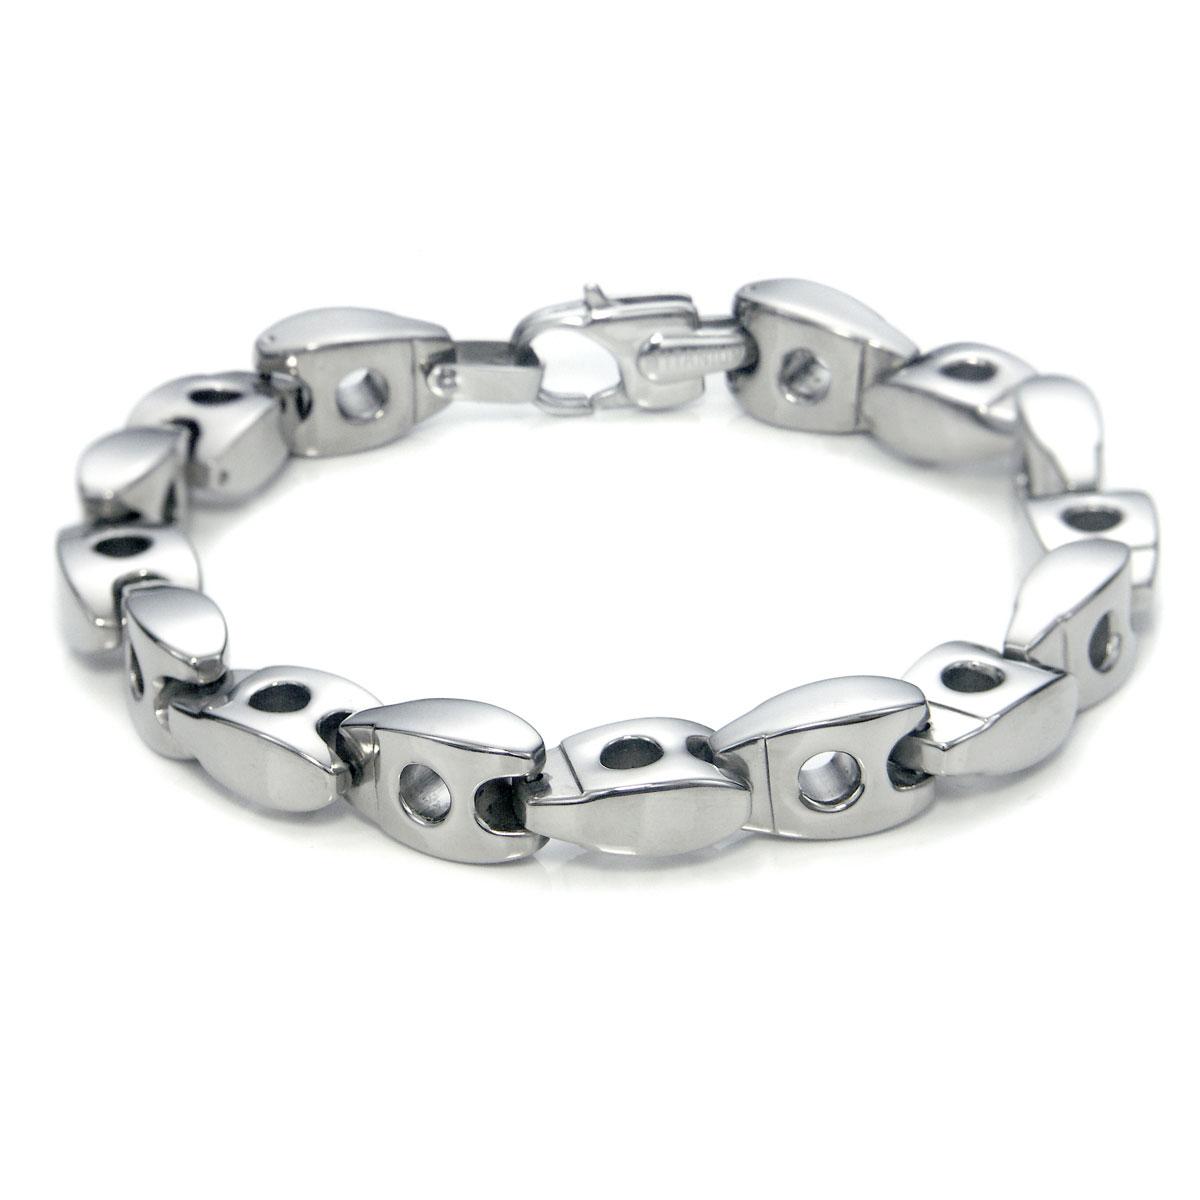 s 10mm titanium link bracelet